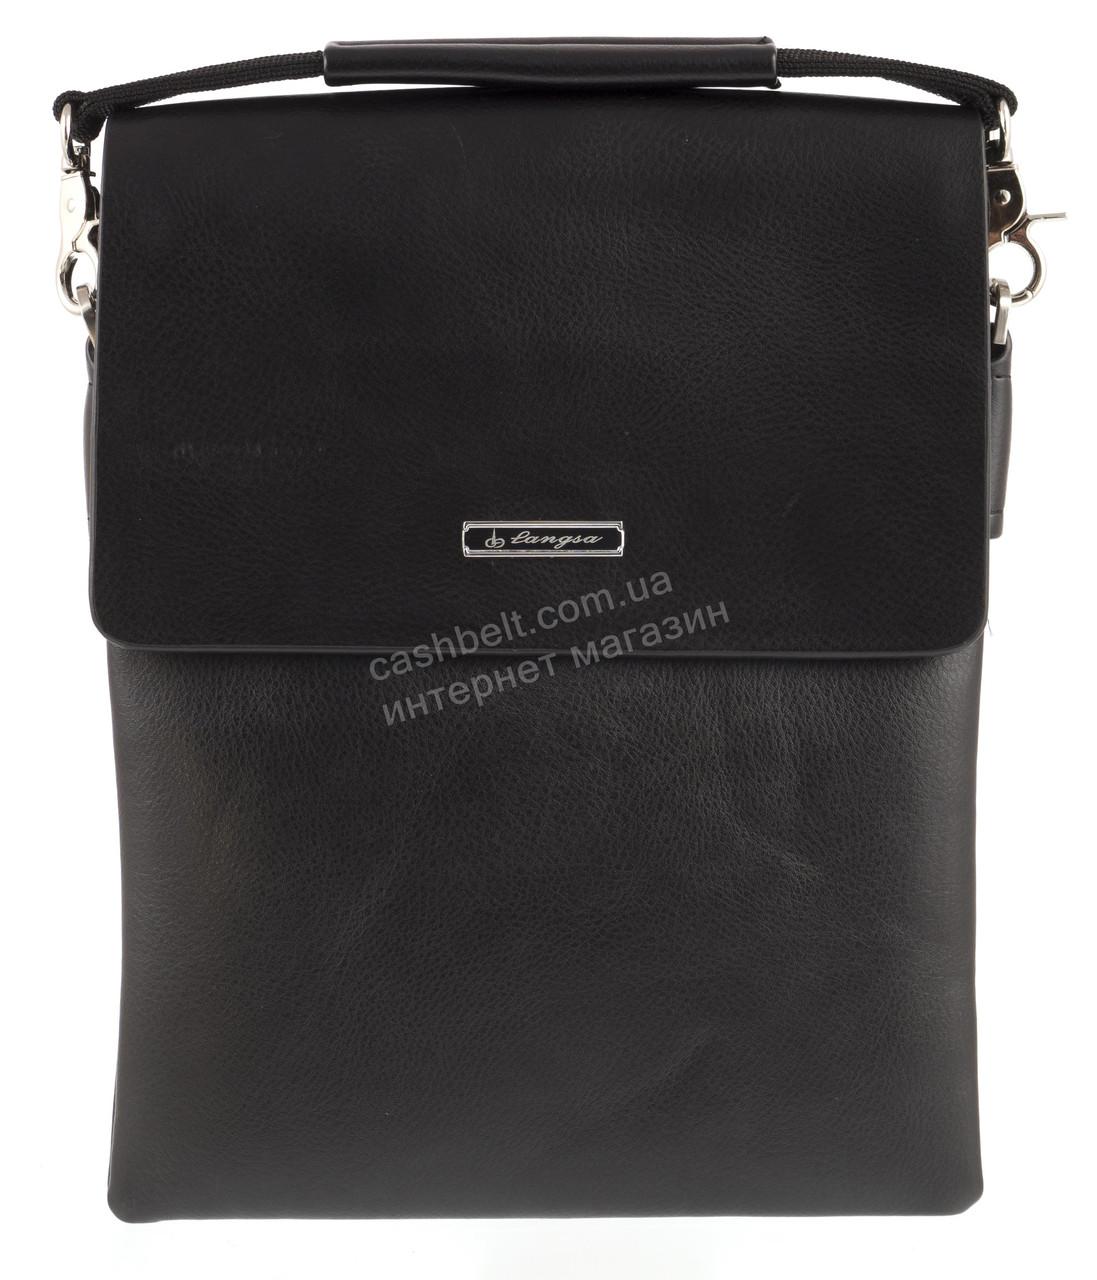 Удобная черная прочная мужская сумка с качественной PU кожи LANGSA art. TP6760-3 черная